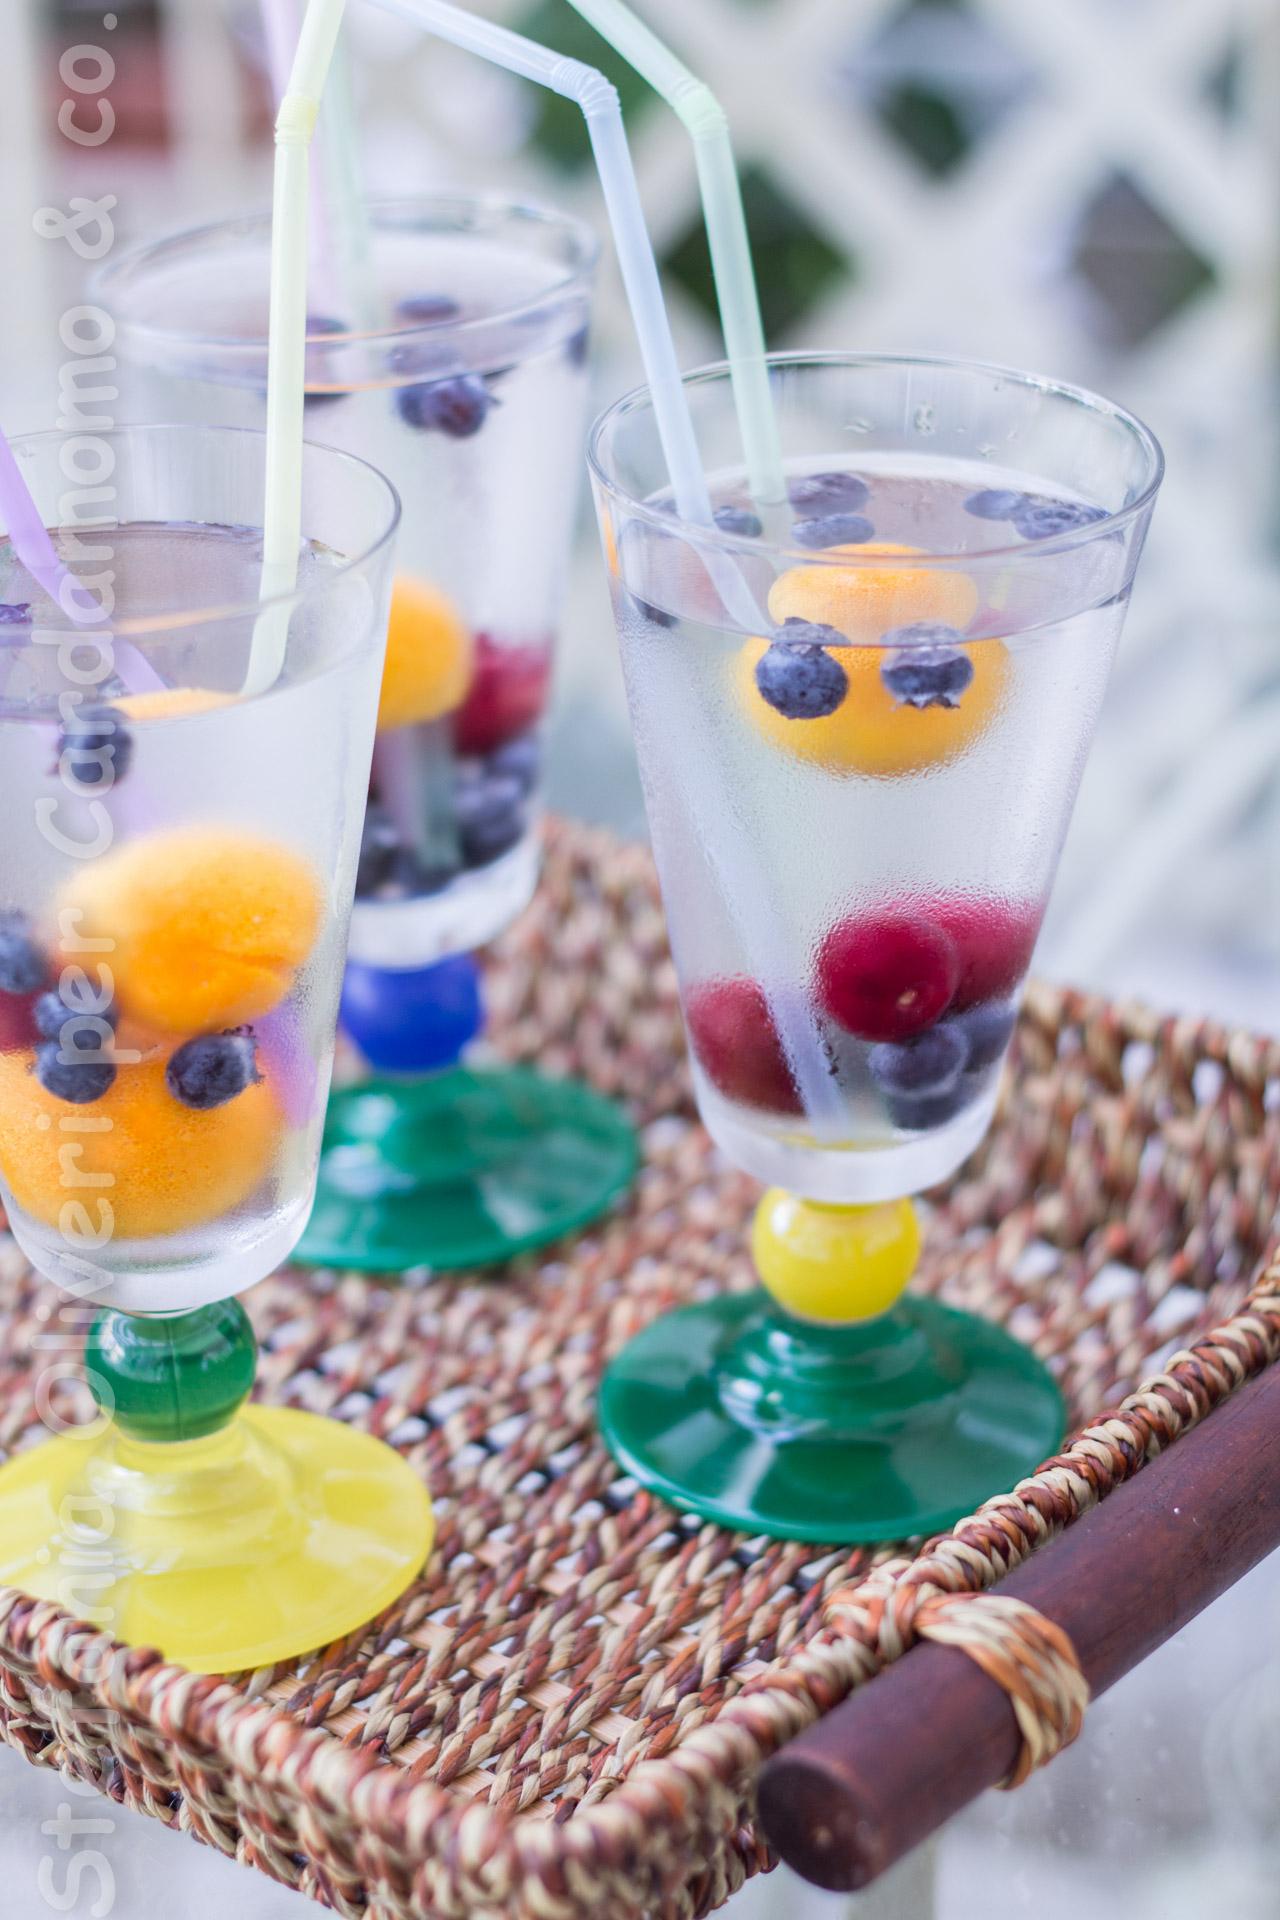 Acqua aromatizzata - Cardamomo & co